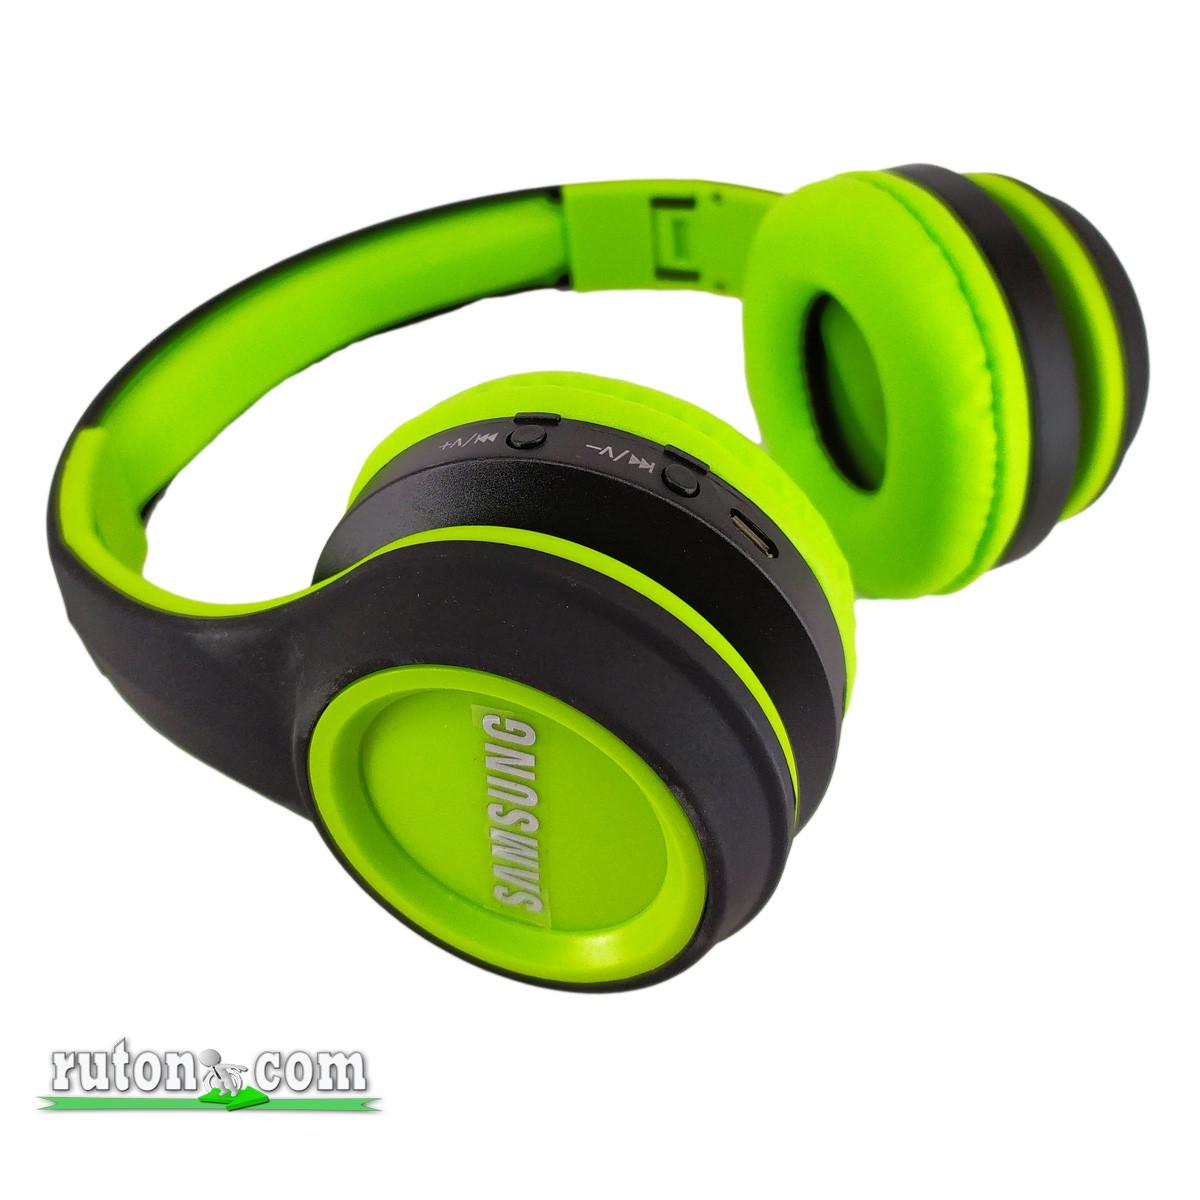 Беспроводные Bluetooth наушники Sams MS 991 A зеленые складные с FM-радио и MP3 плеером контроль плеера блютуз